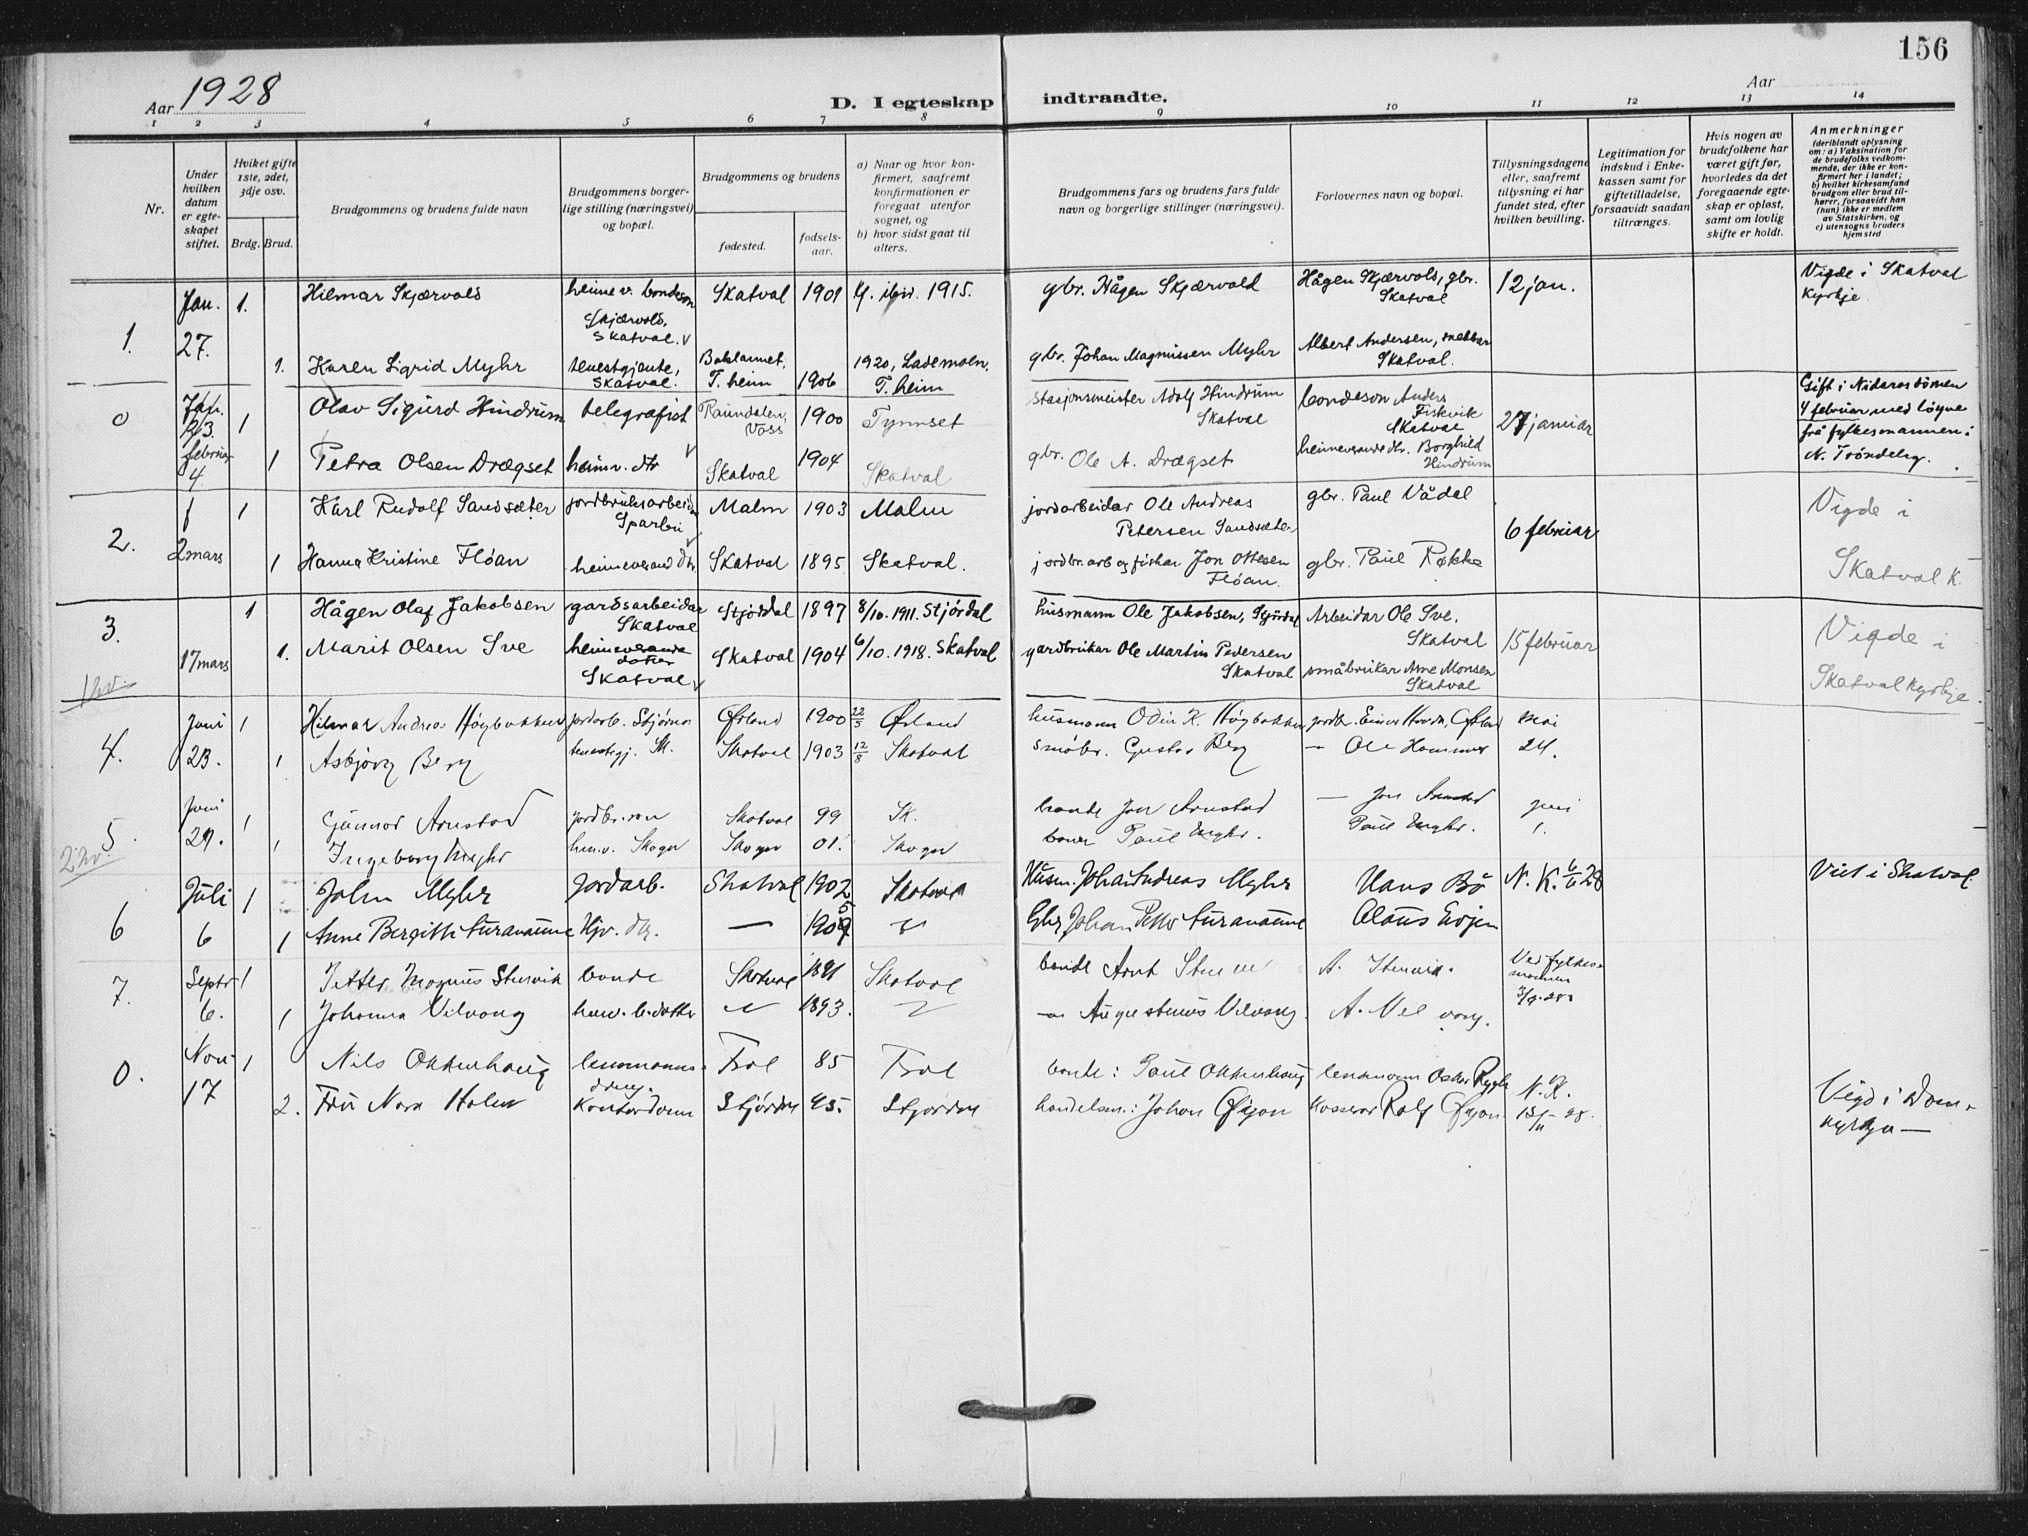 SAT, Ministerialprotokoller, klokkerbøker og fødselsregistre - Nord-Trøndelag, 712/L0102: Ministerialbok nr. 712A03, 1916-1929, s. 156